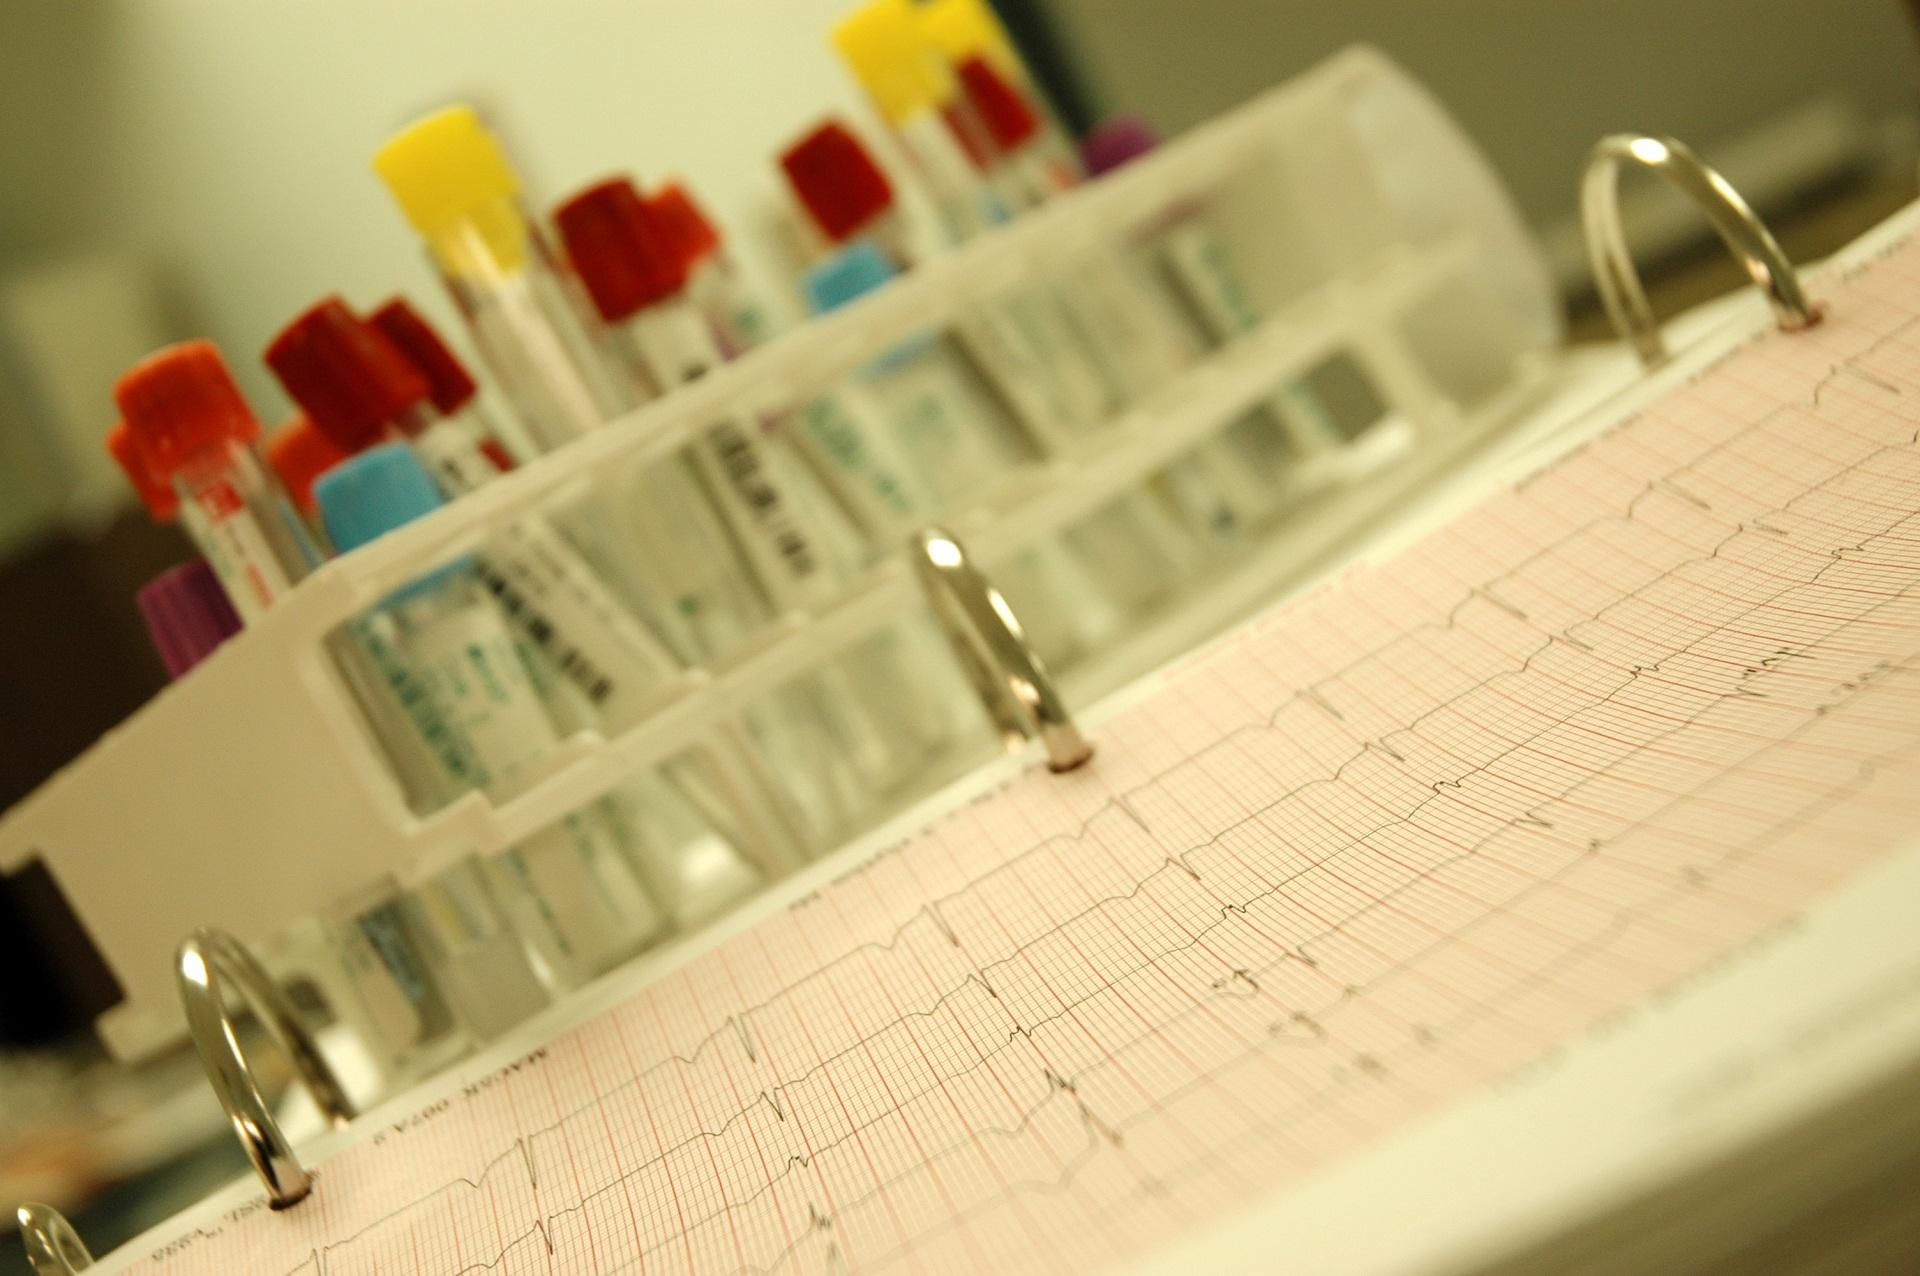 Teste genético riscos e limitações coleta do material coleta de sangue esfregaço bucal amniocentese semen alterações psicossociais informação genética